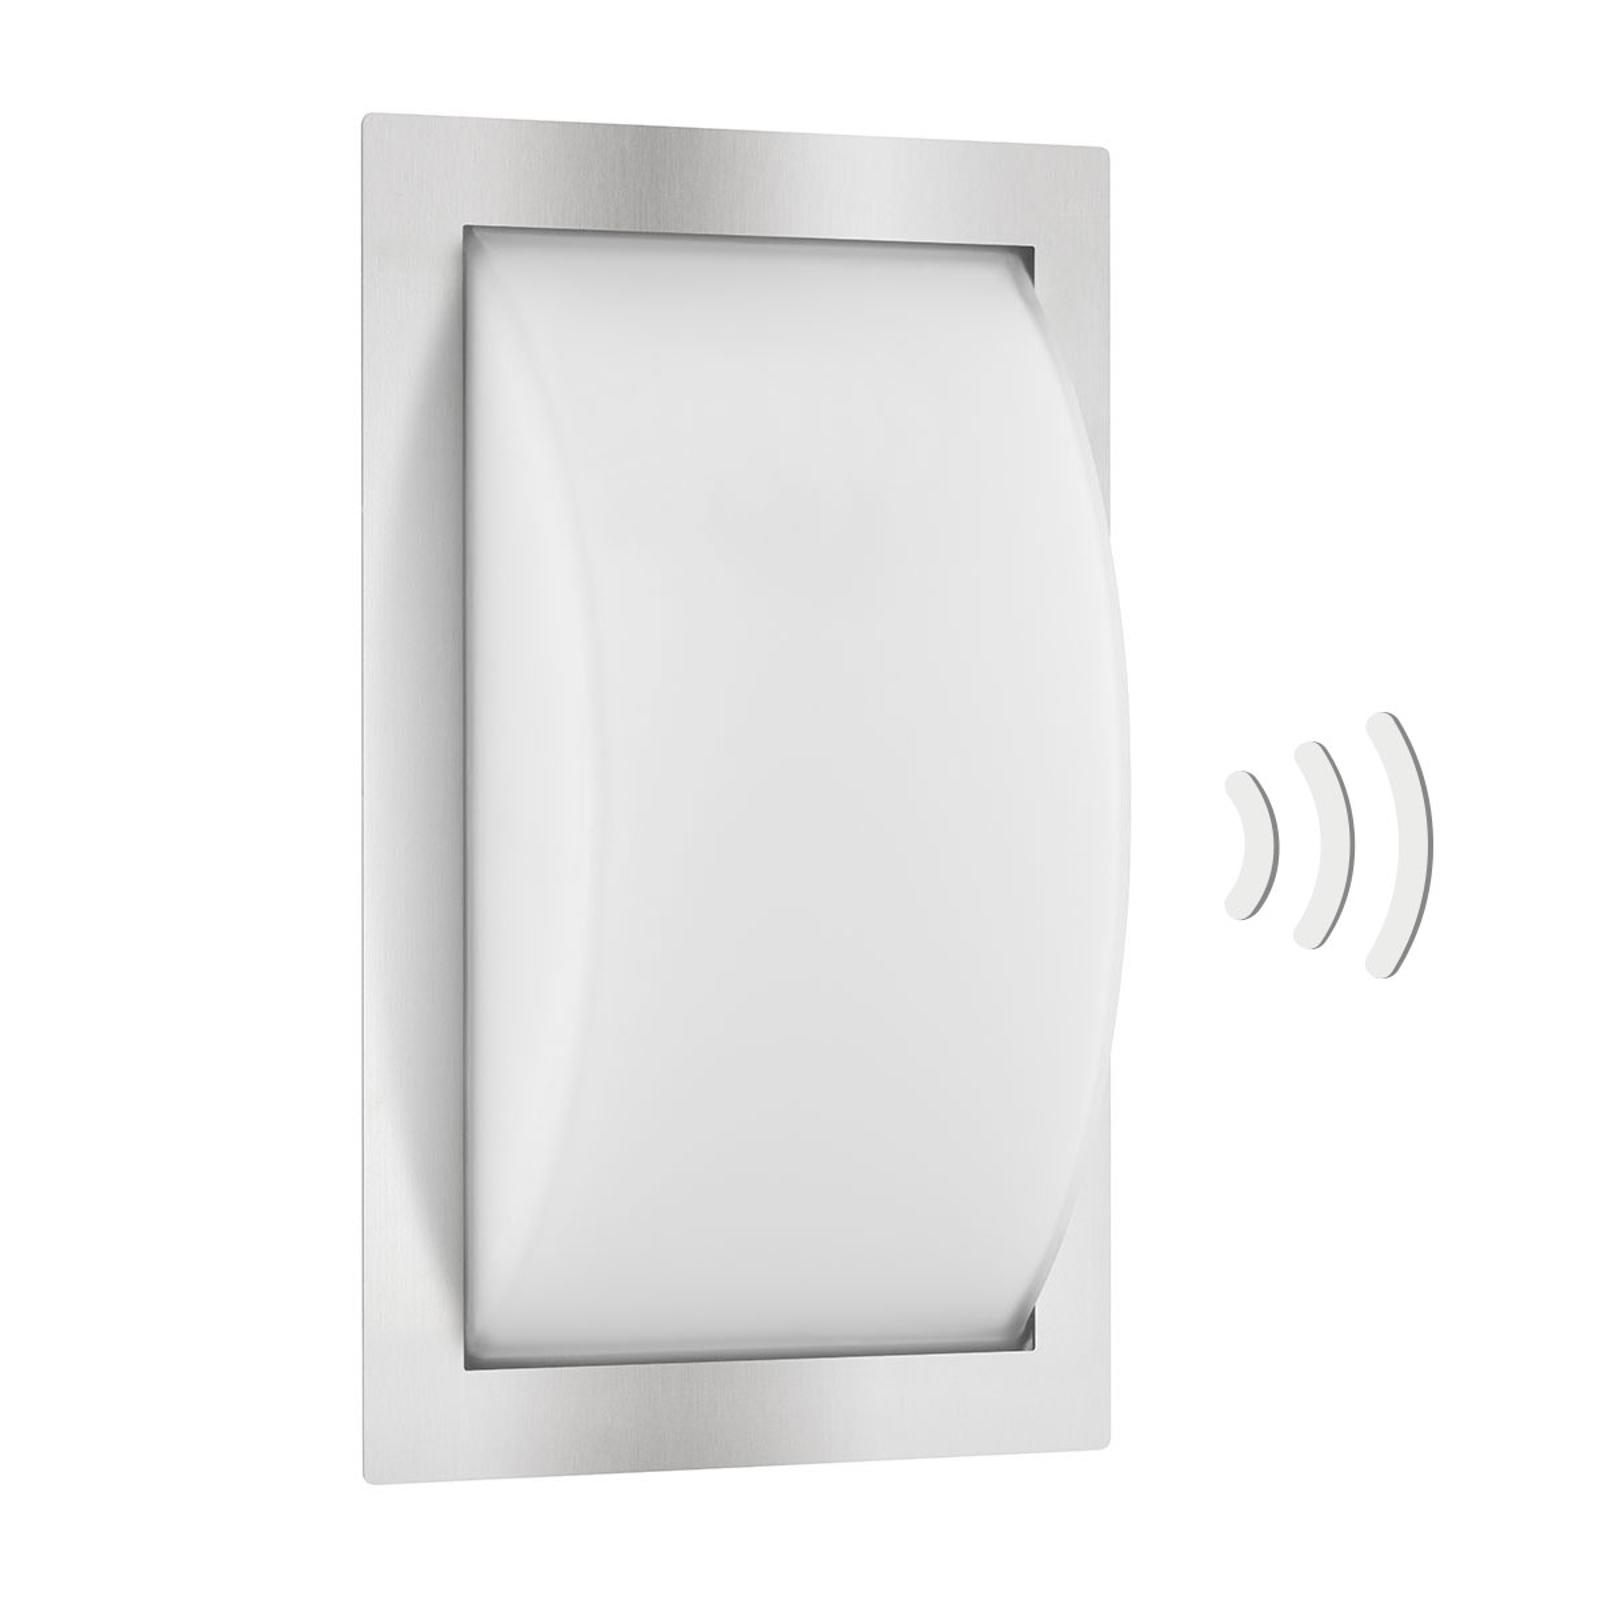 Ivett utendørs LED-vegglampe bevegelsessensor